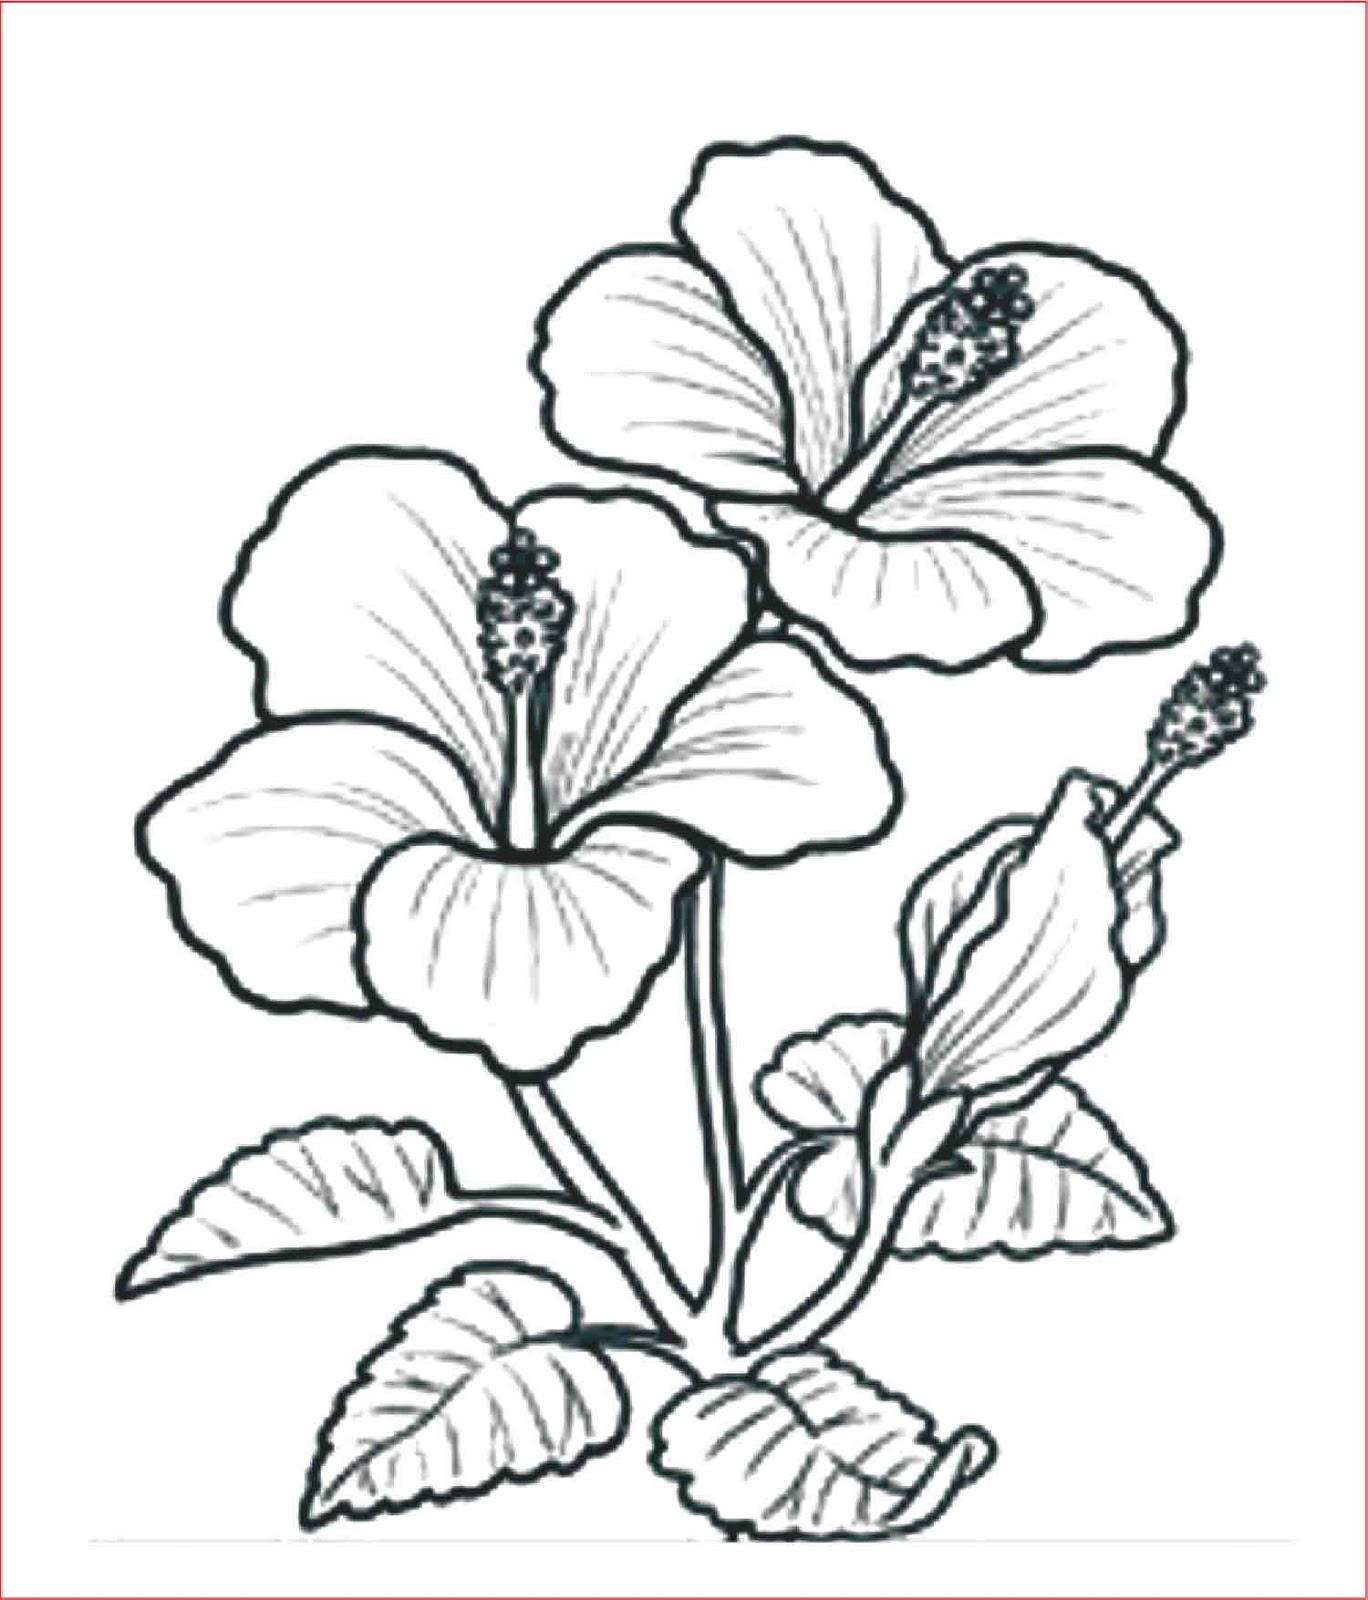 Gambar Bunga Yang Senang Dilukis Gambar Bunga Hd Cute766